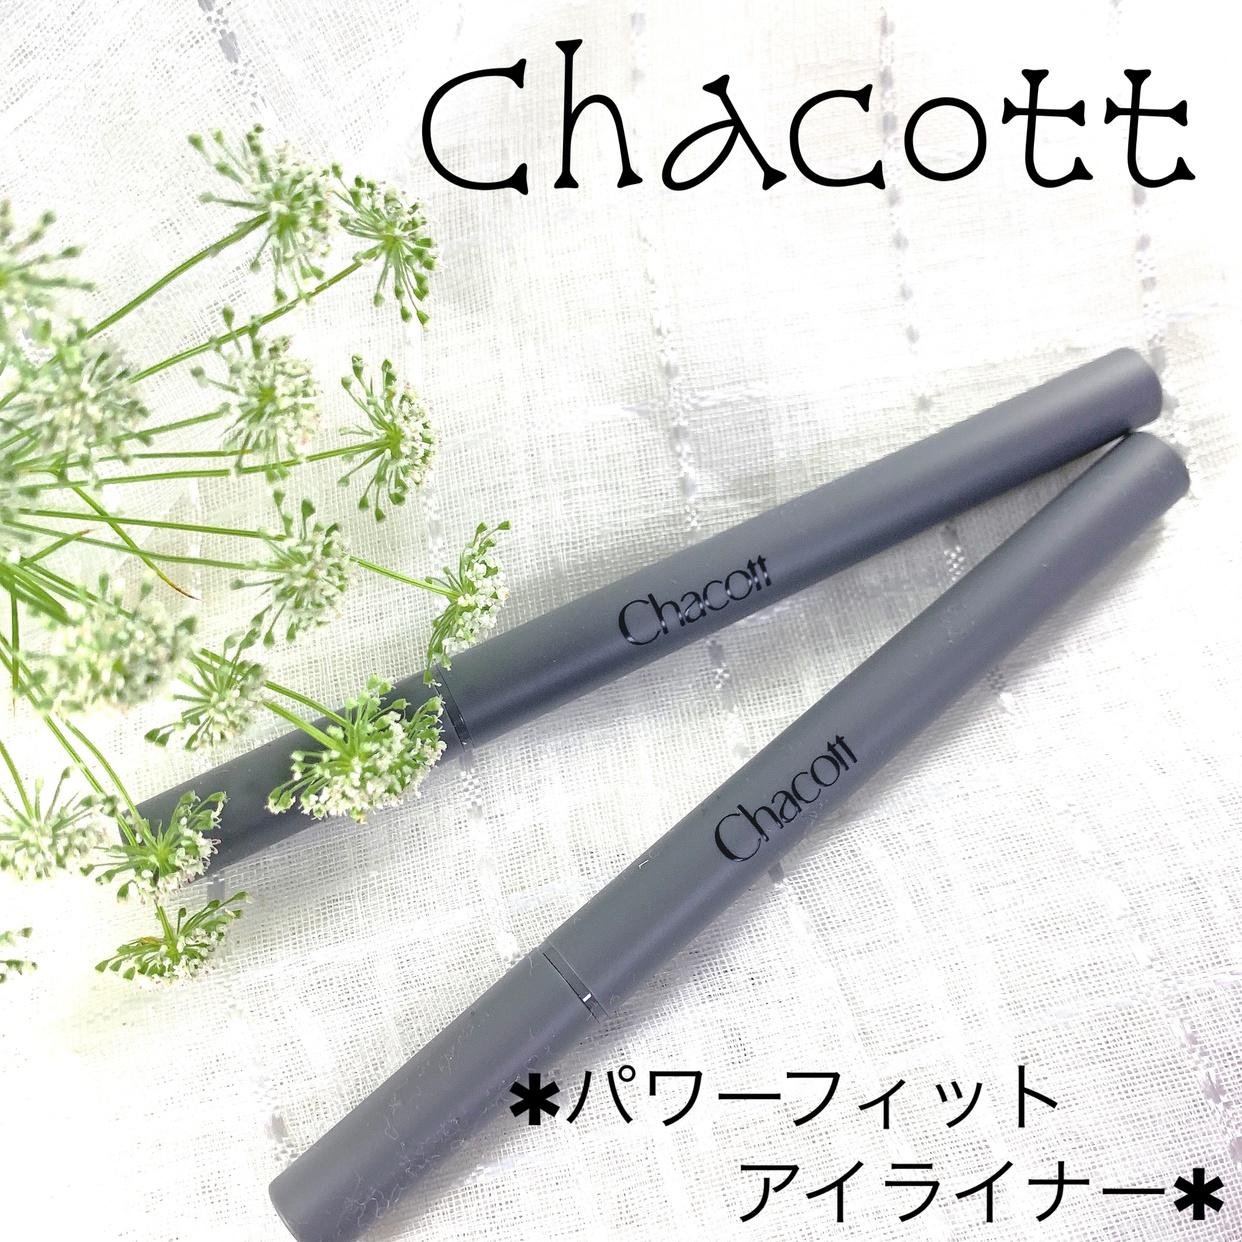 Chacott COSMETICS(チャコット・コスメティクス) パワーフィットアイライナーを使ったkana_cafe_timeさんのクチコミ画像1